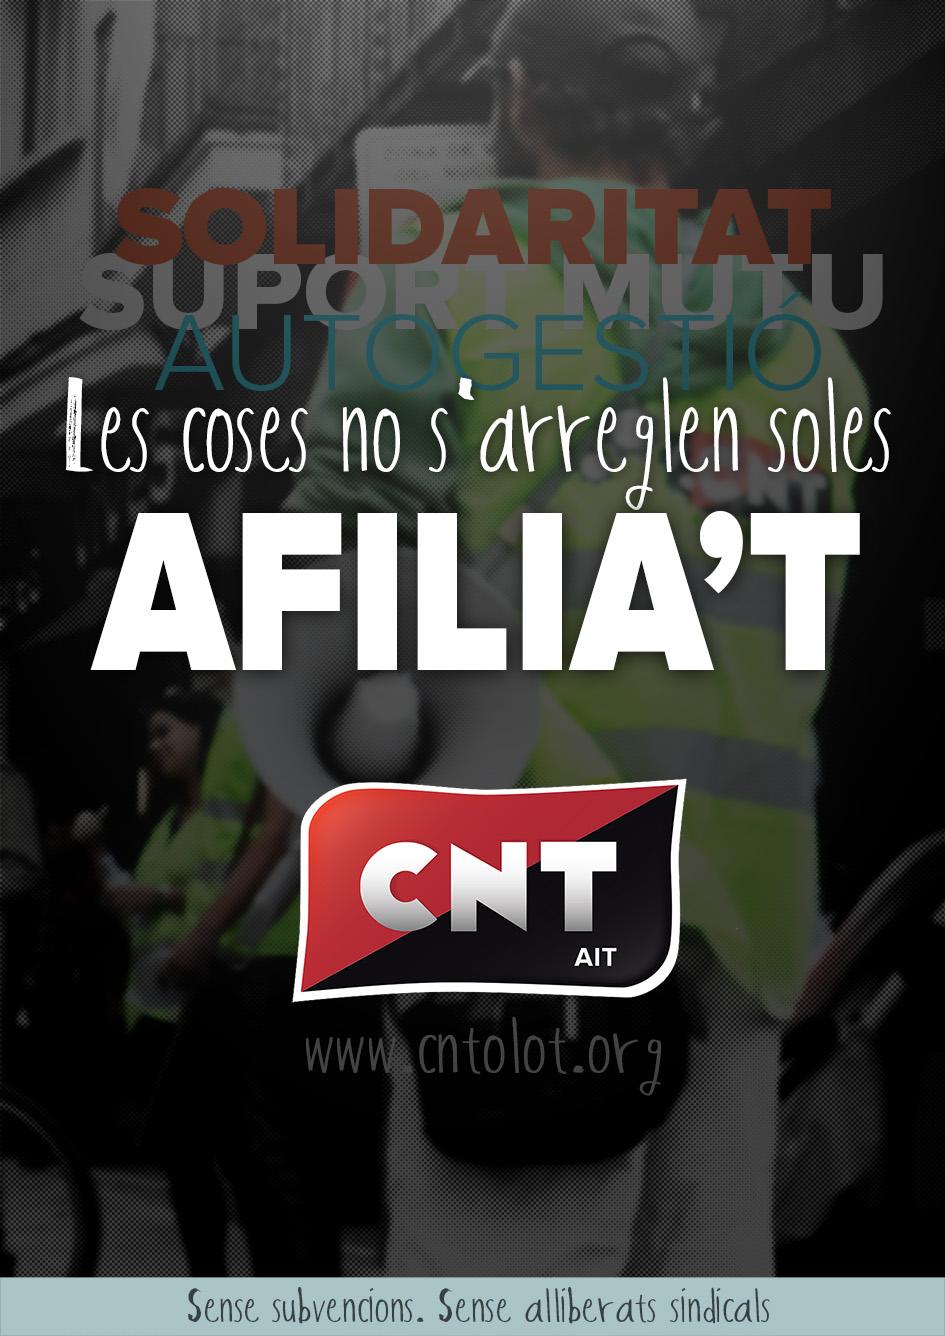 Afilia't a CNT. Perquè les coses no s'arreglen soles.